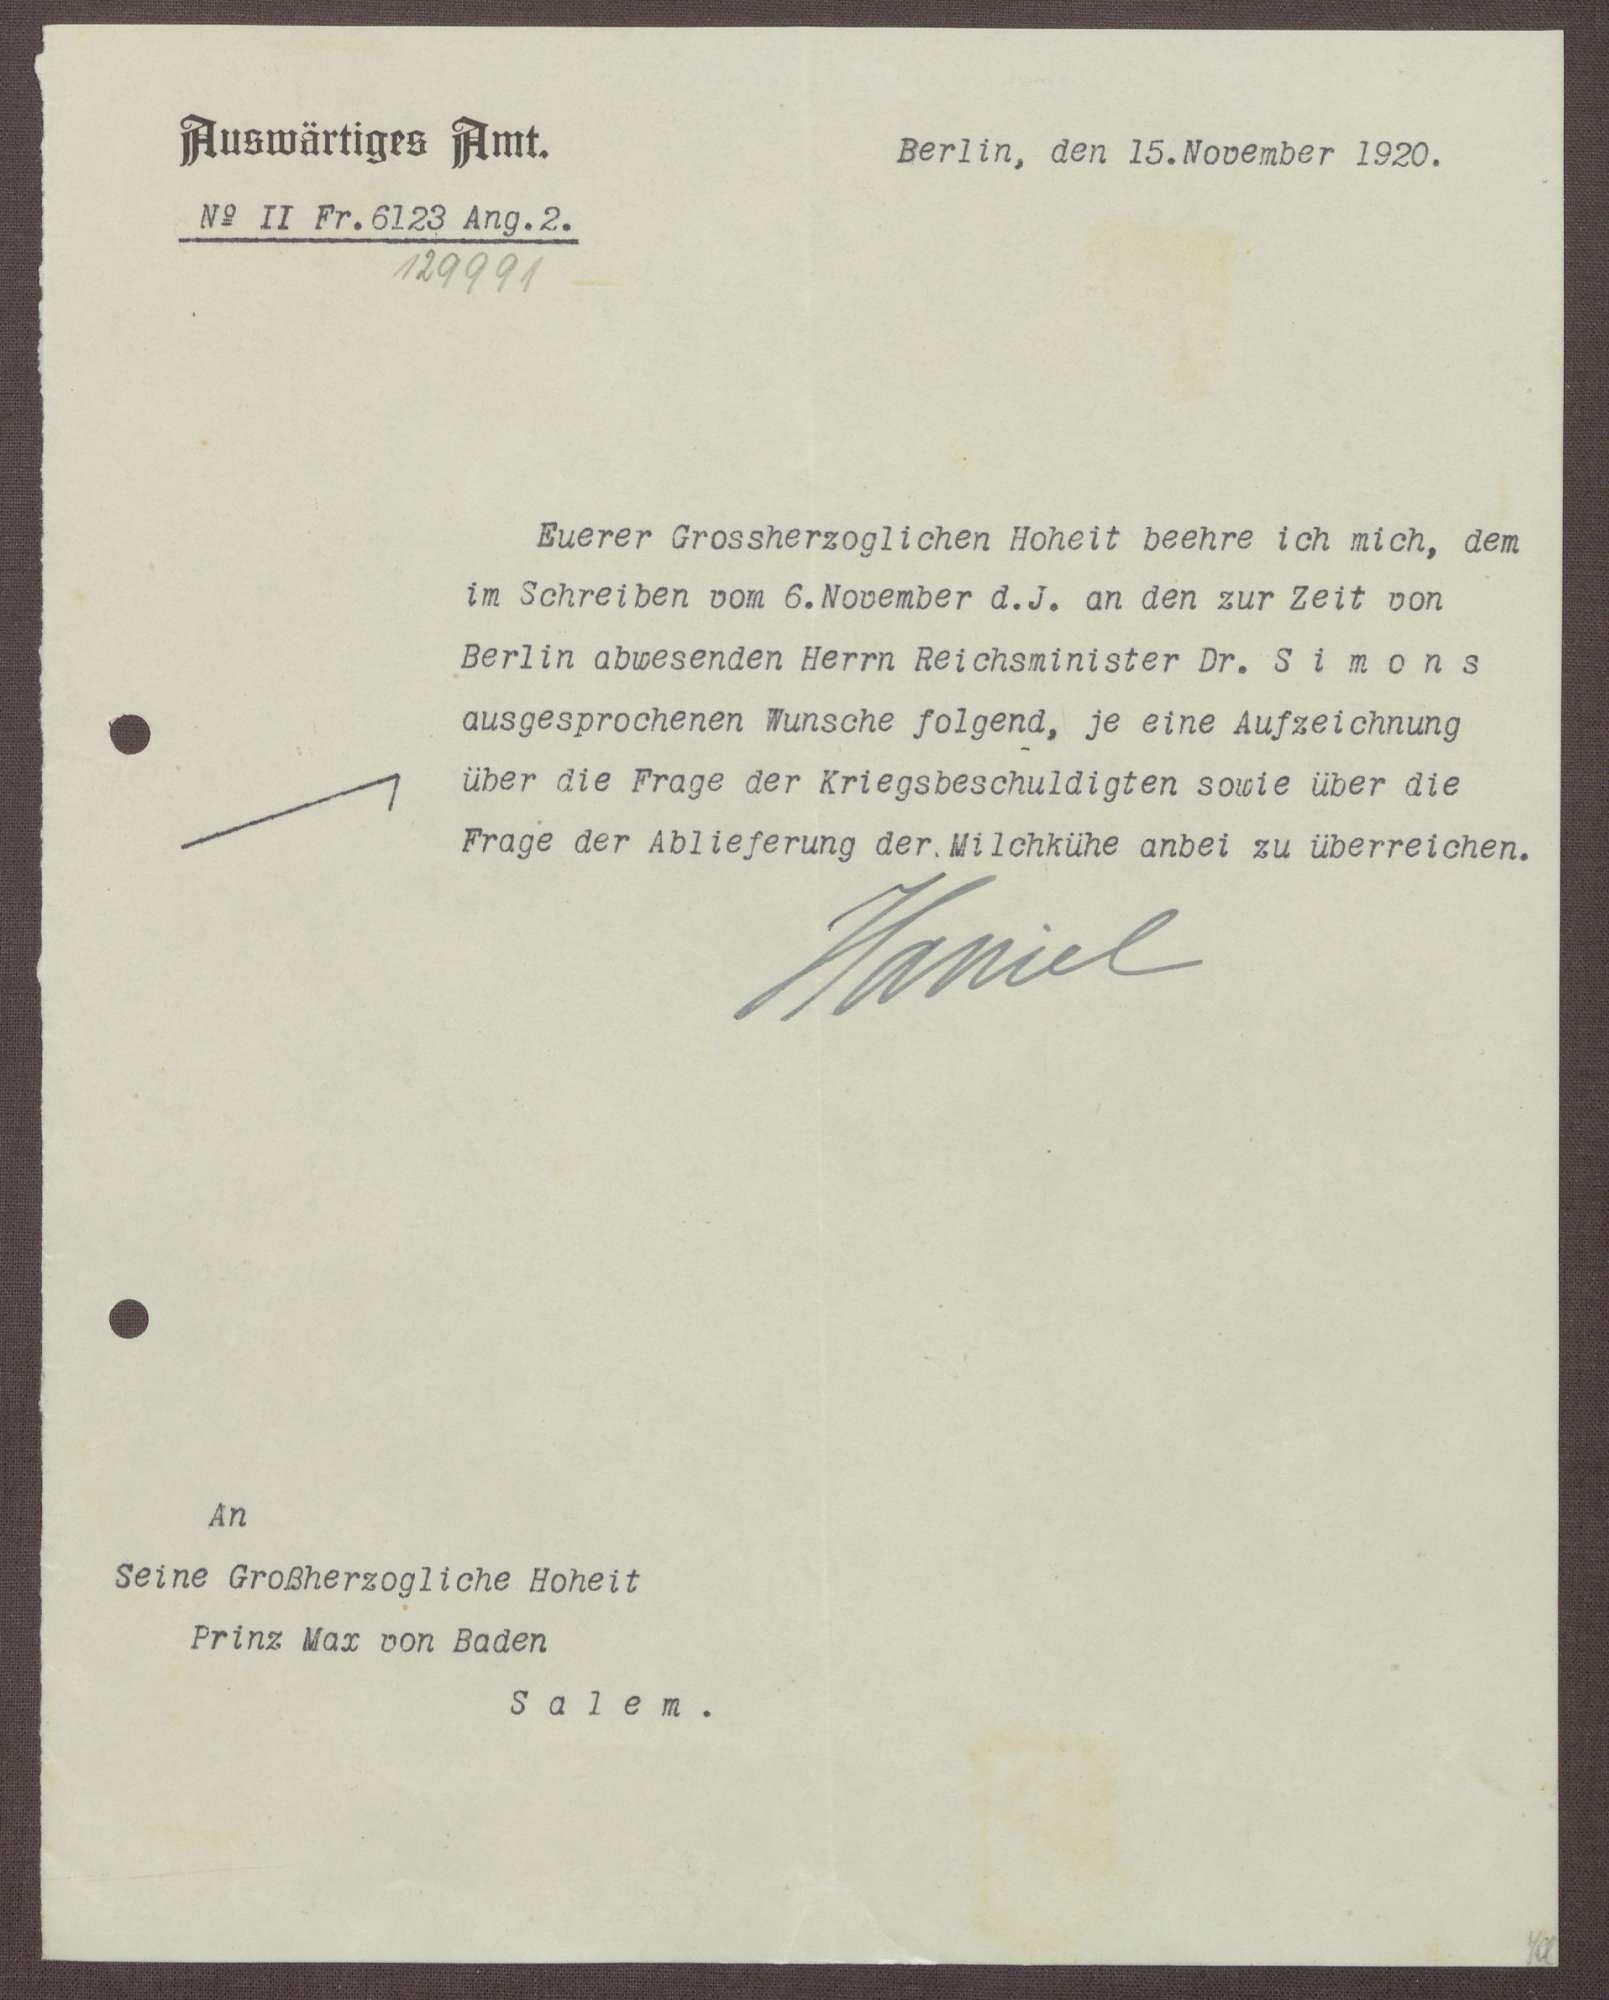 Schreiben von Edgar Haniel von Haimhausen an Prinz Max von Baden; Kriegsschuldfrage und die Ablieferung von Milchkühen, Bild 1